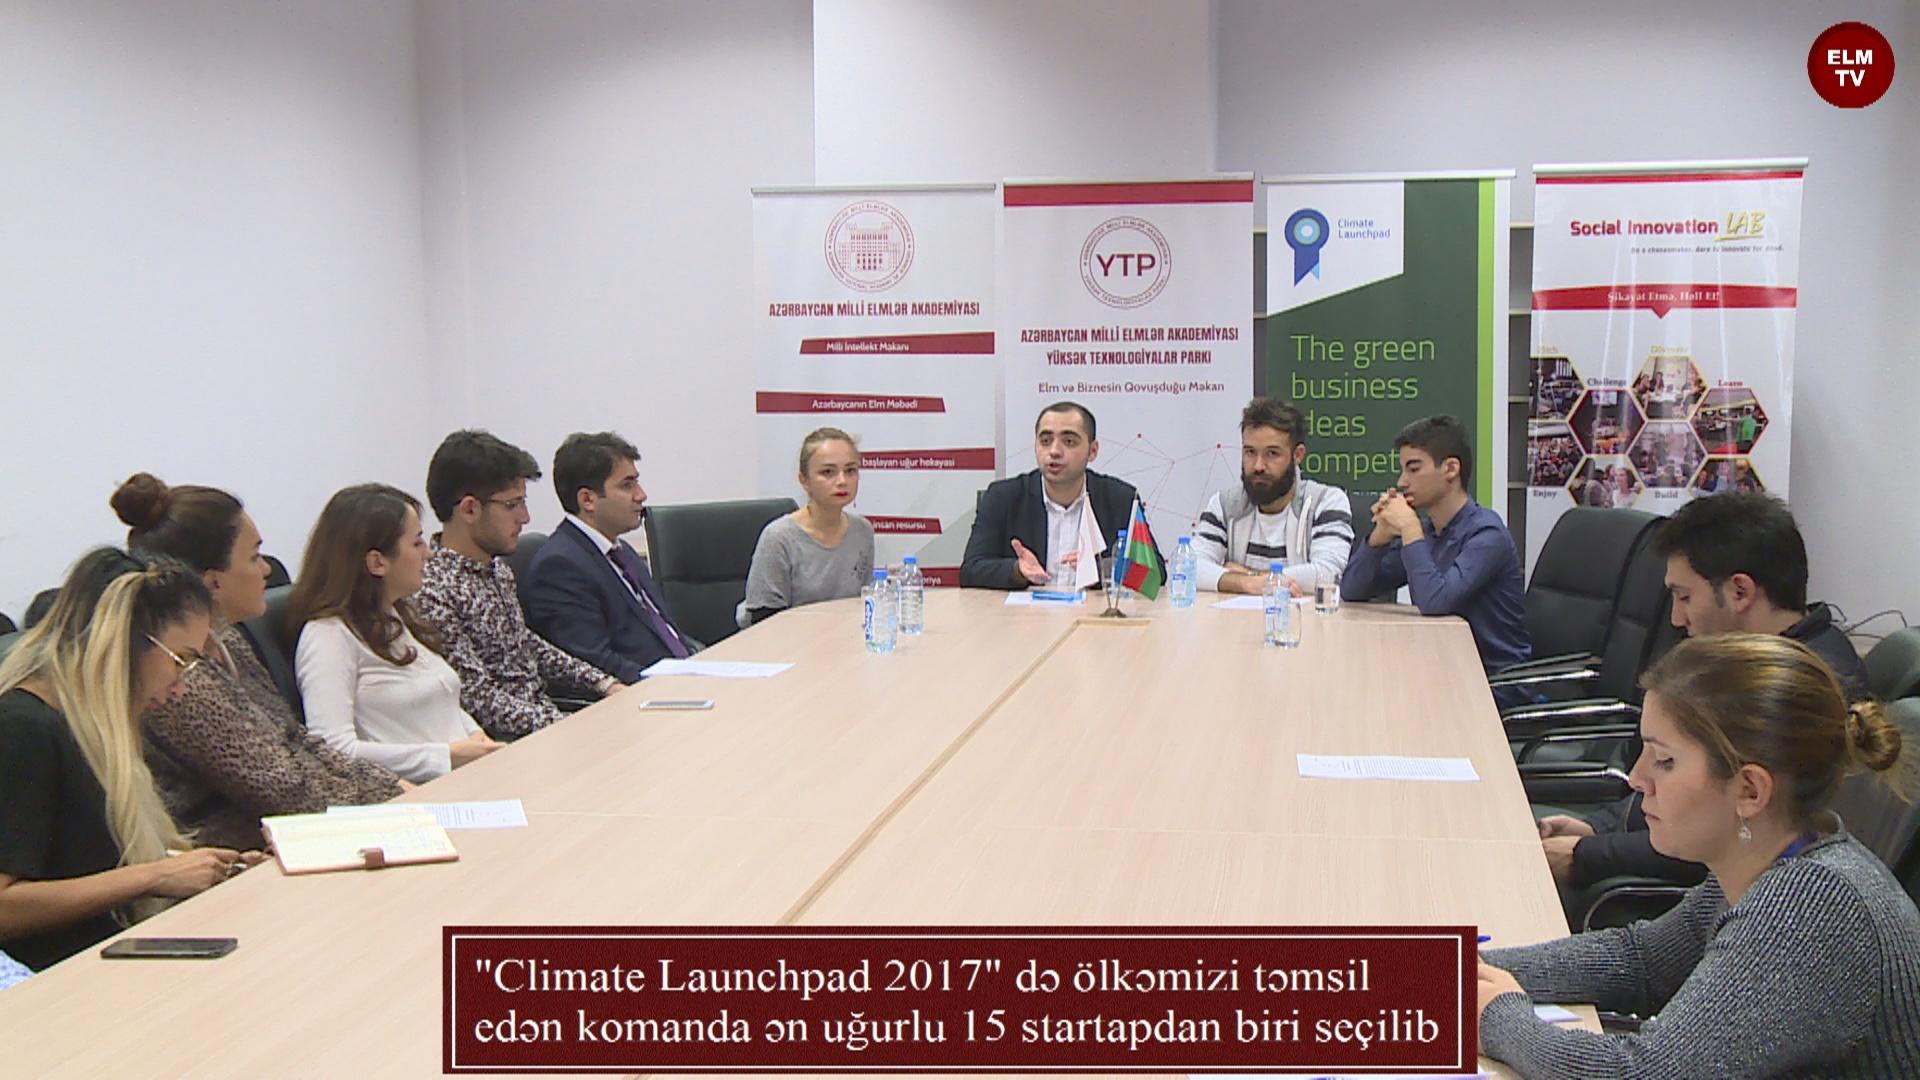 """""""Climate Launchpad 2017"""" də ölkəmizi təmsil edən komanda ən uğurlu 15 startapdan biri seçilib"""